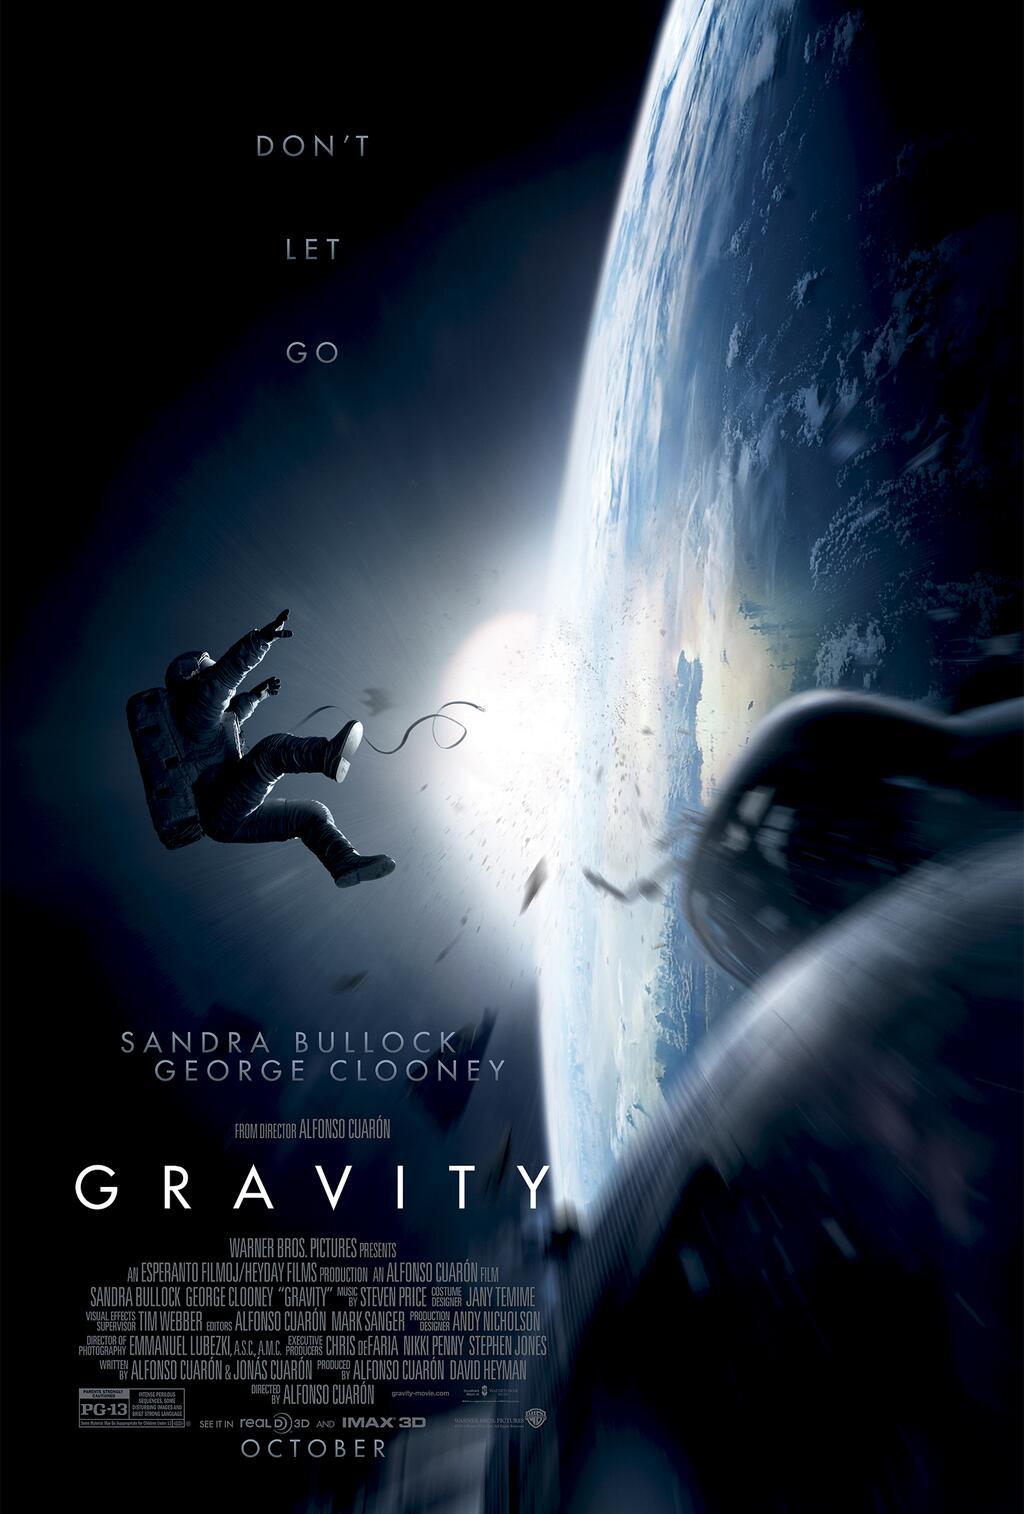 CIA☆こちら映画中央情報局です: Gravity:アルフォンソ・キュ... アルフォンソ・キュ